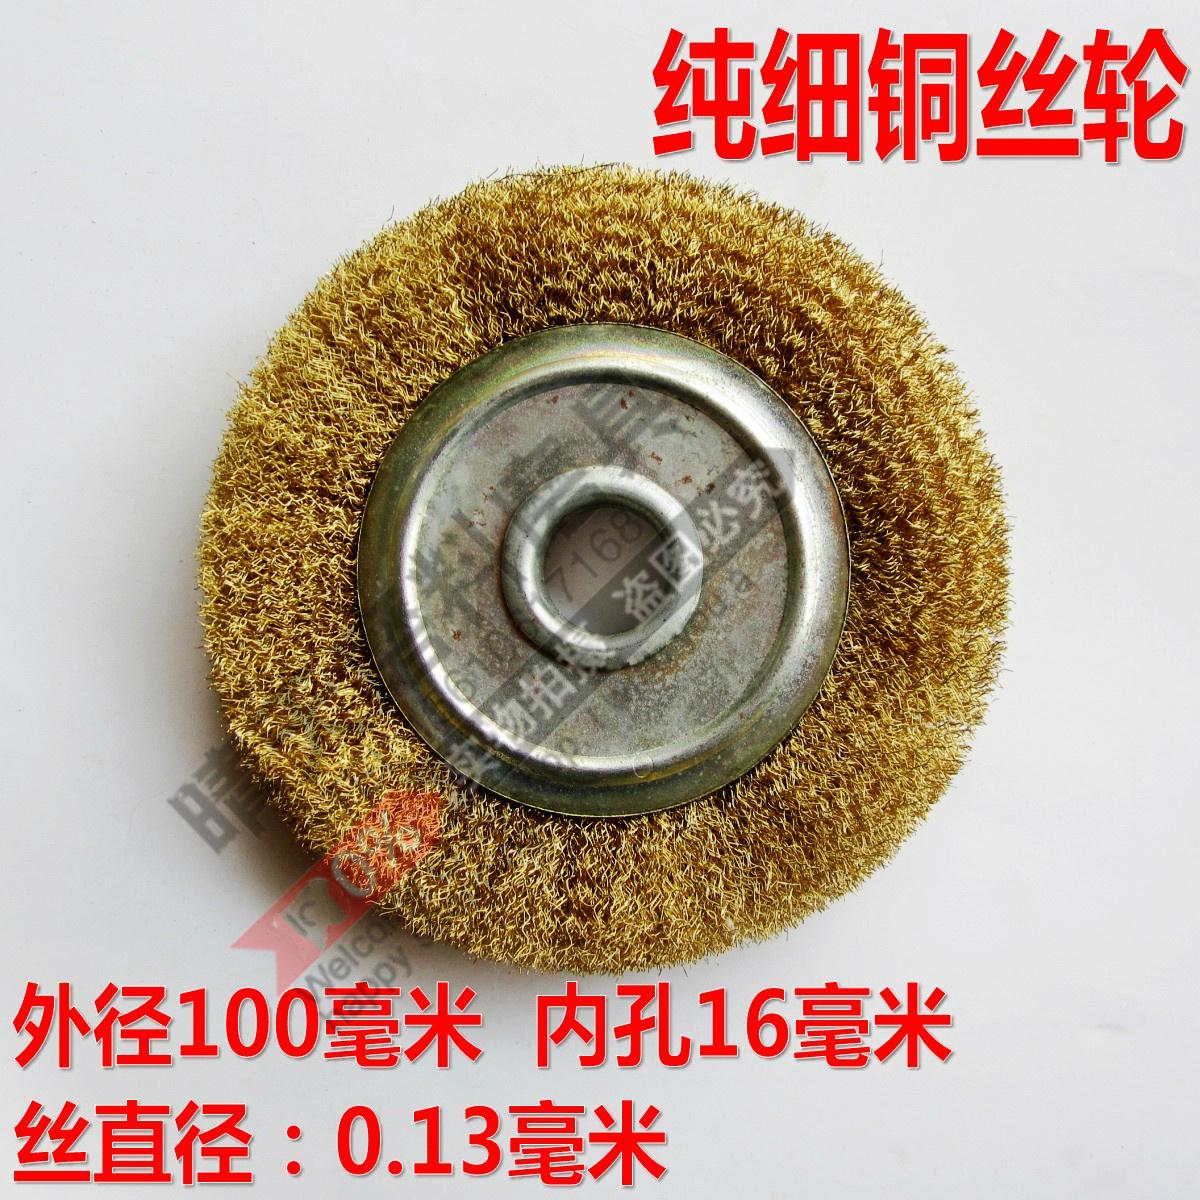 Щетка металлическая 0.13 параллельно медной проволоки колесо колесо провода деревянный корень высекая полируя электронная Турбина с металлом, в дополнение к нержавеющей полировки Бесплатная доставка